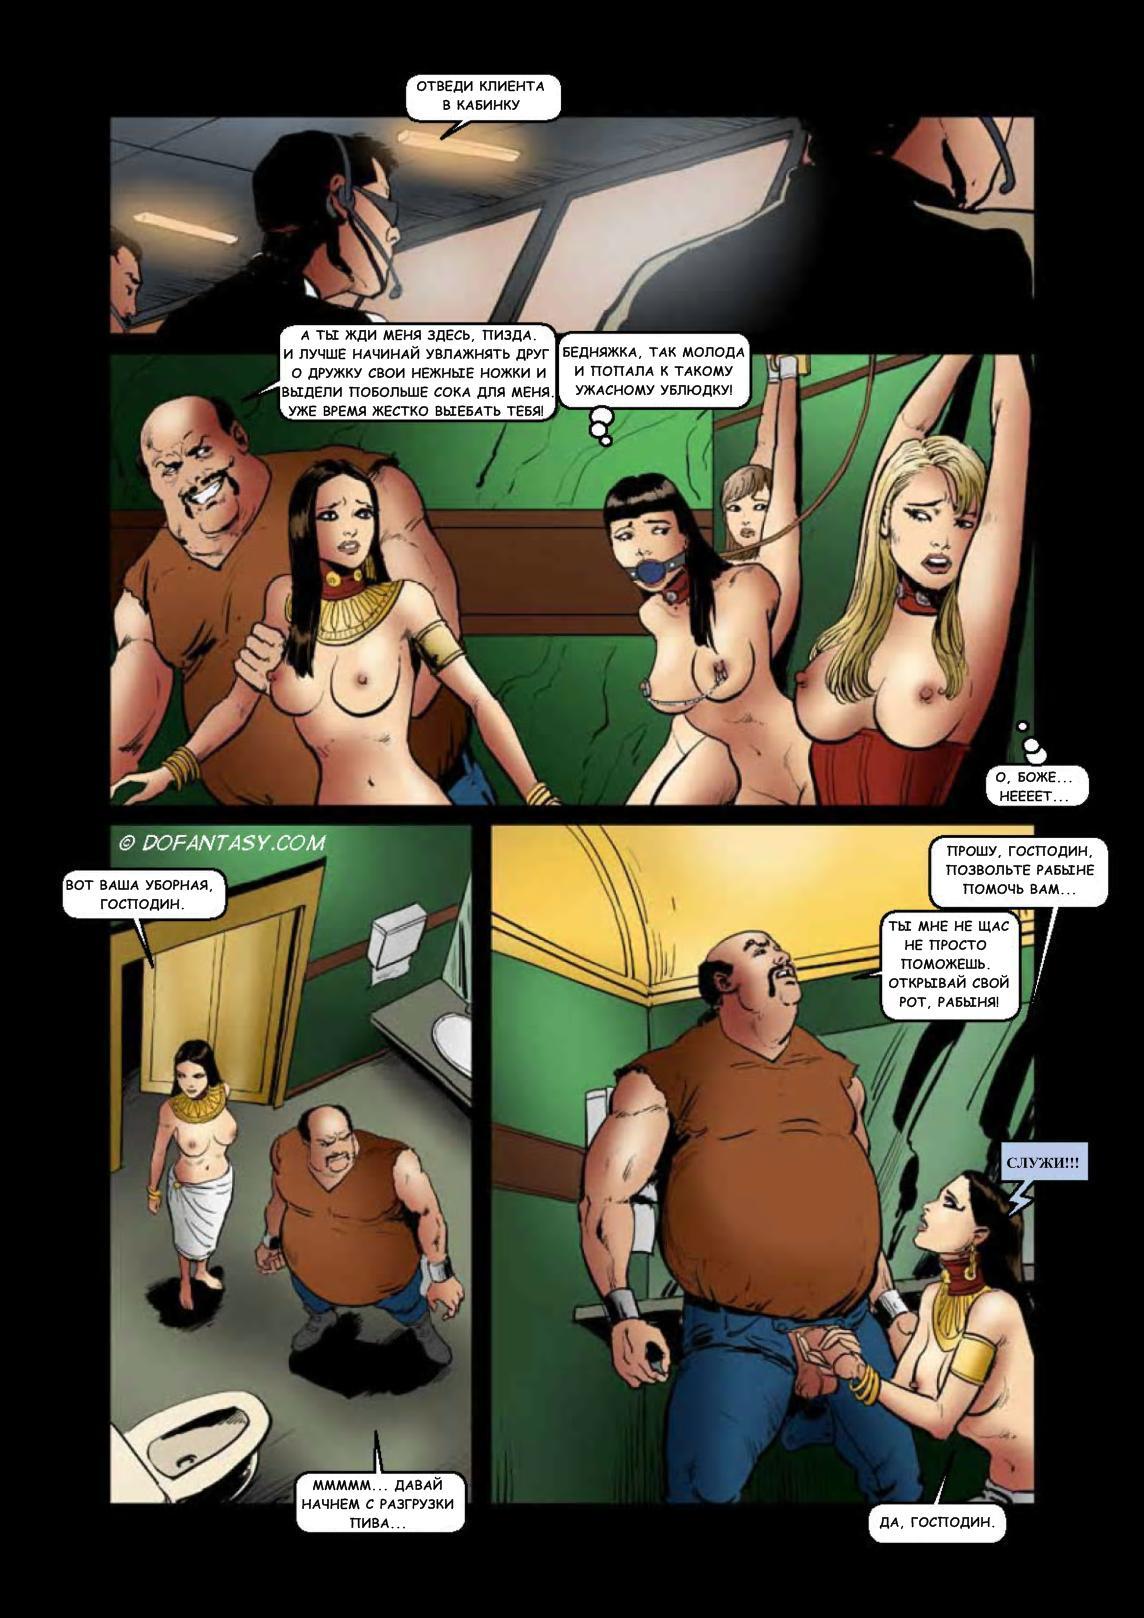 Секс історії дика оргія 24 фотография